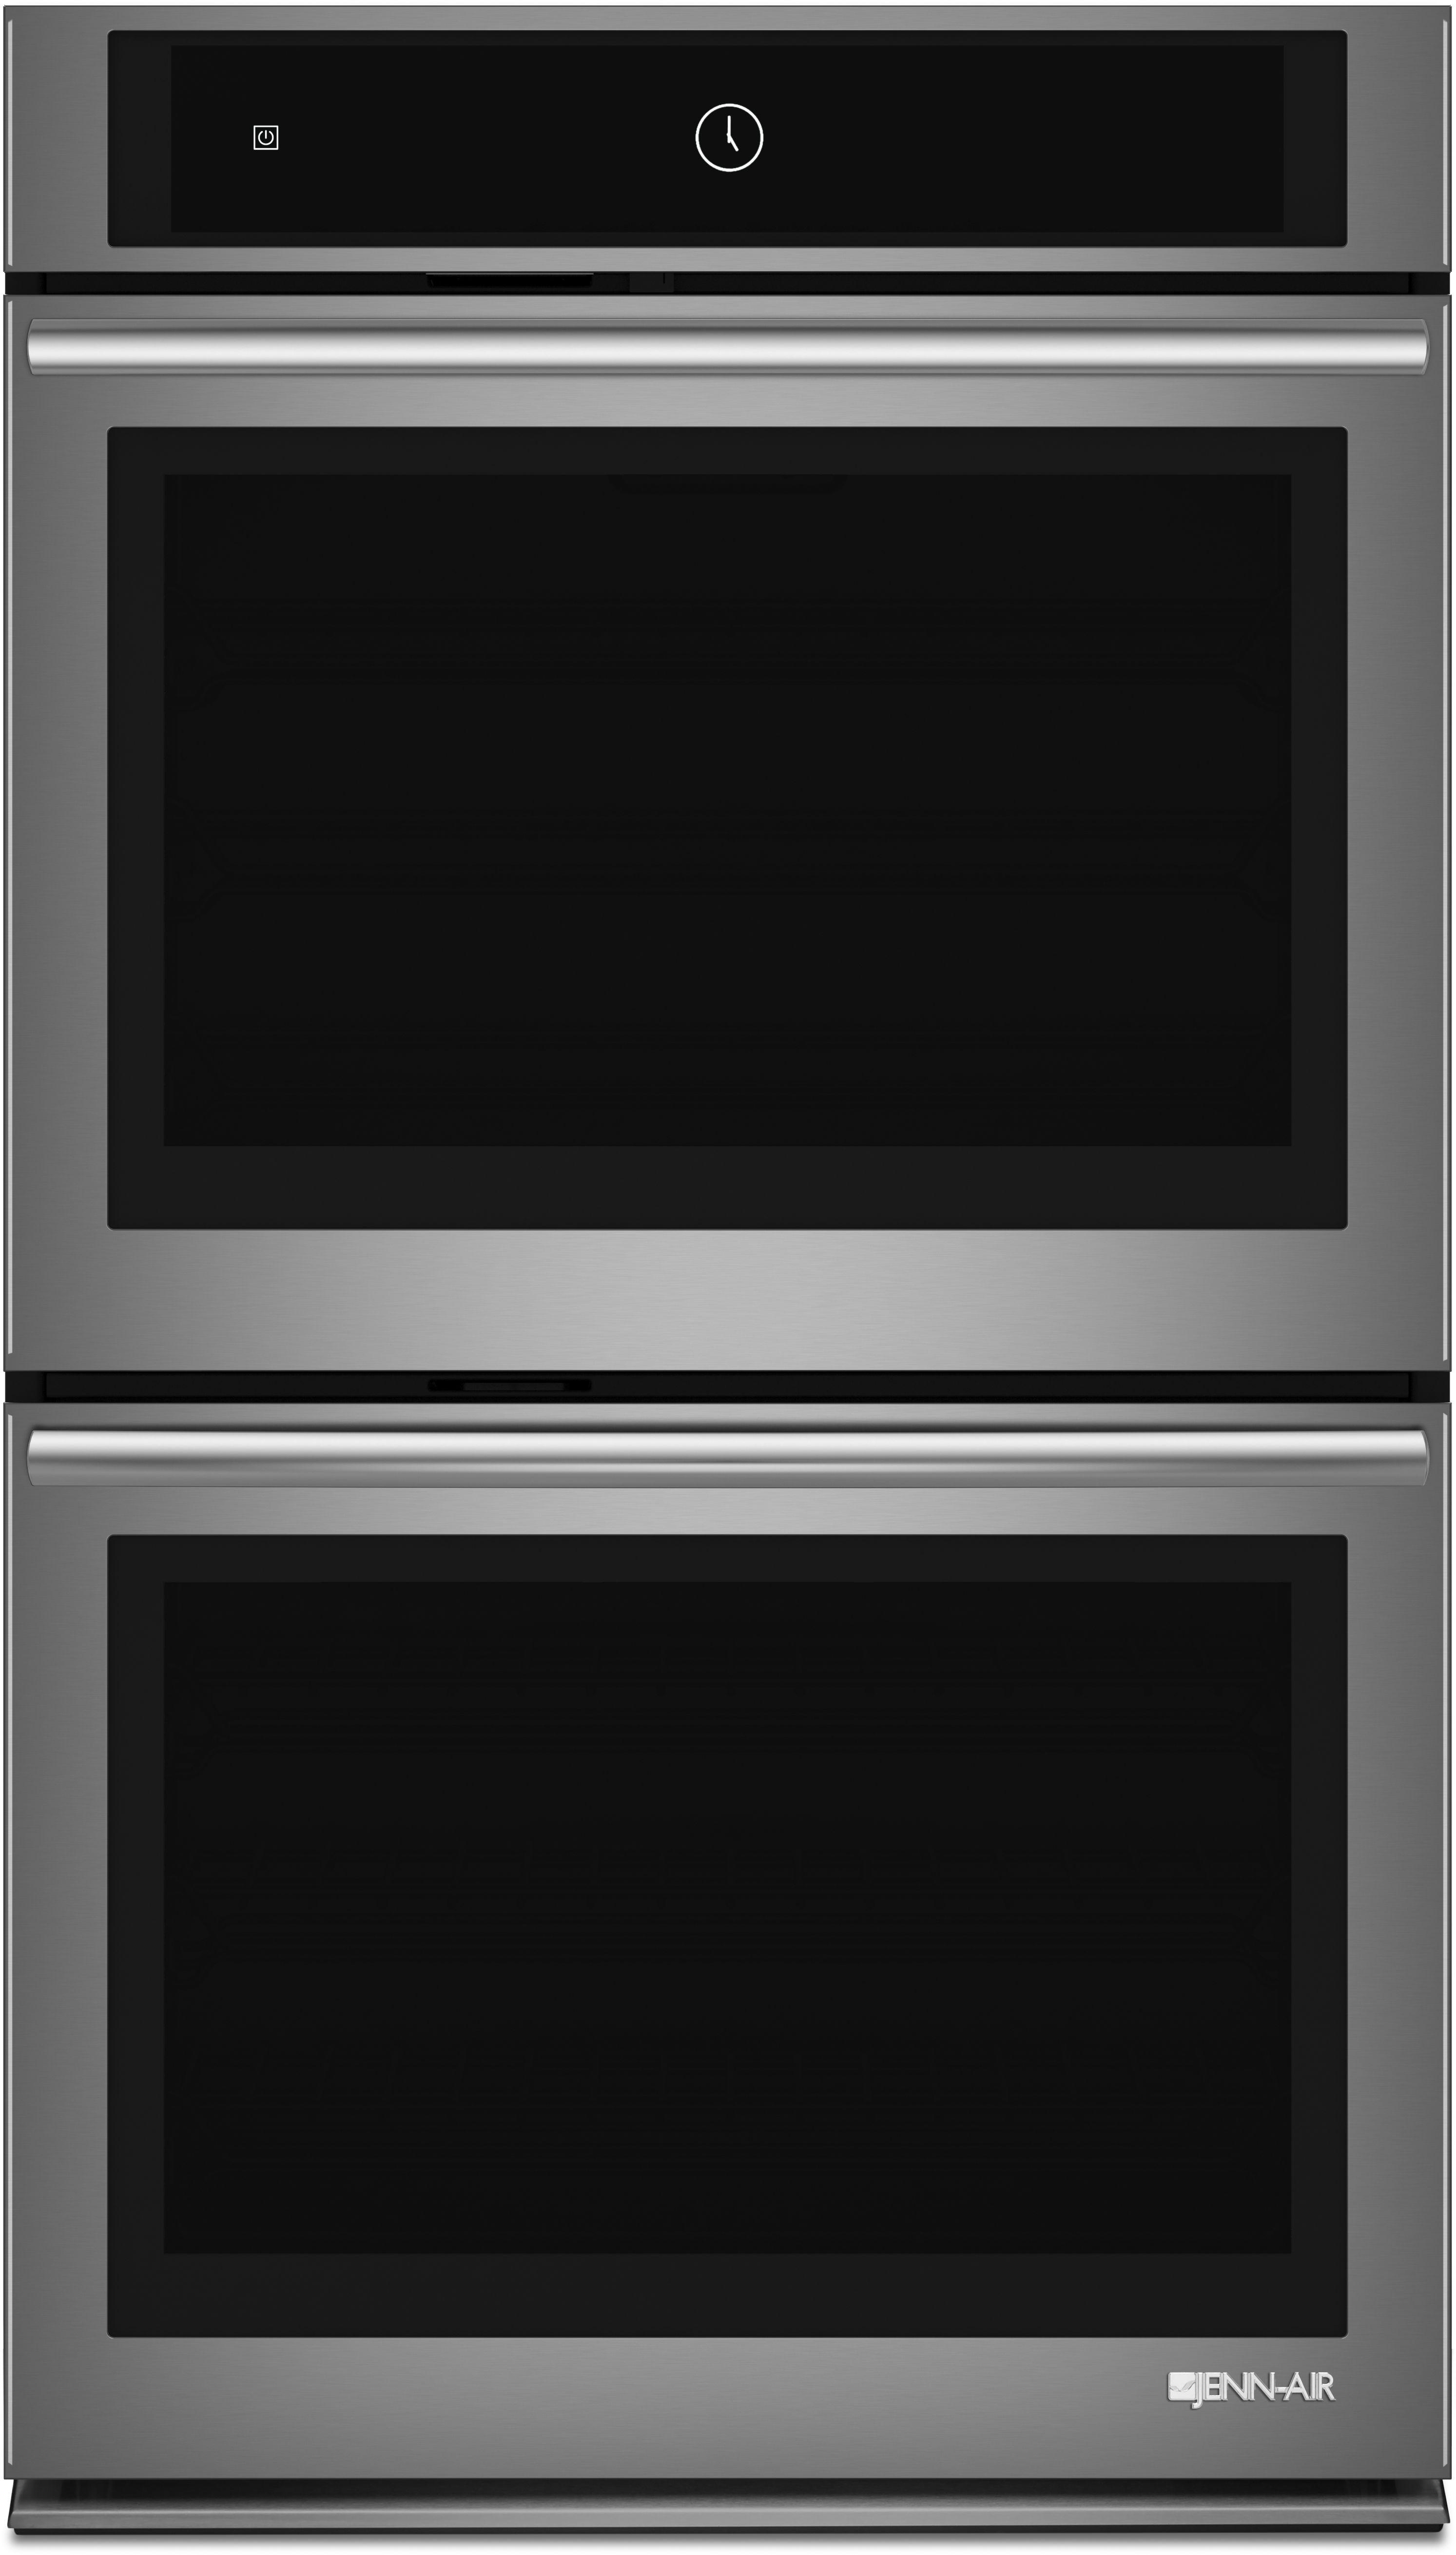 """Jenn Air® 30"""" Built In Double Oven- Stainless Steel-JJW2730DS"""